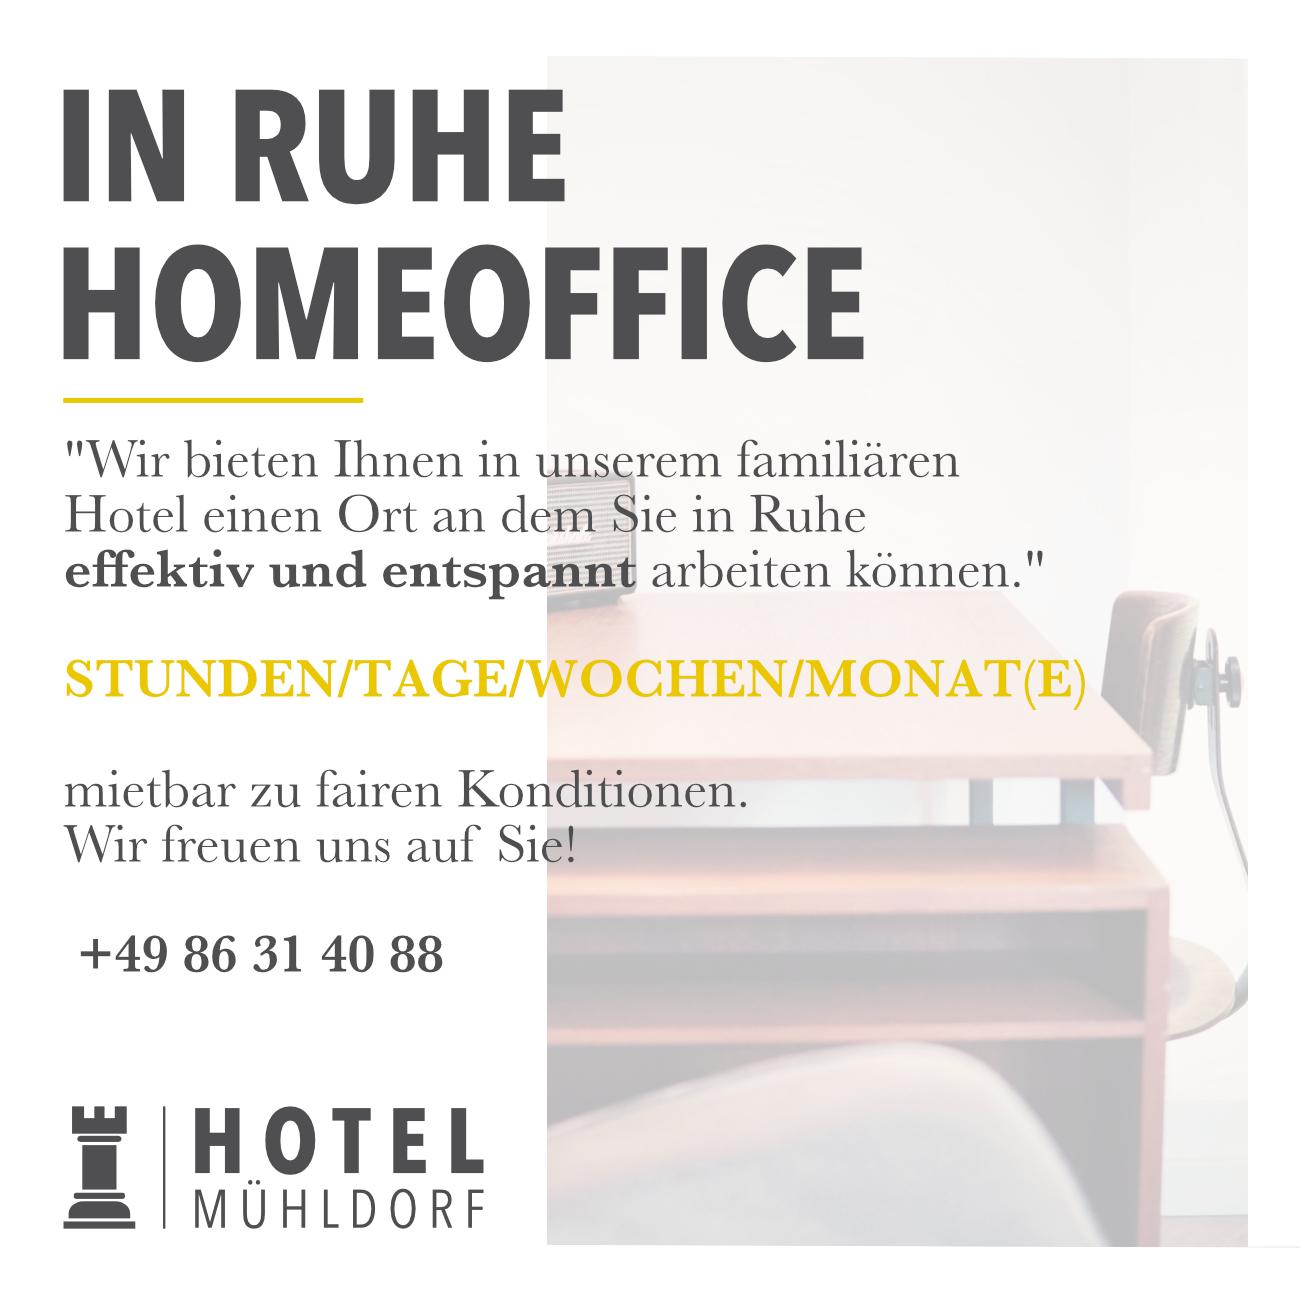 Muehldorf Hotel